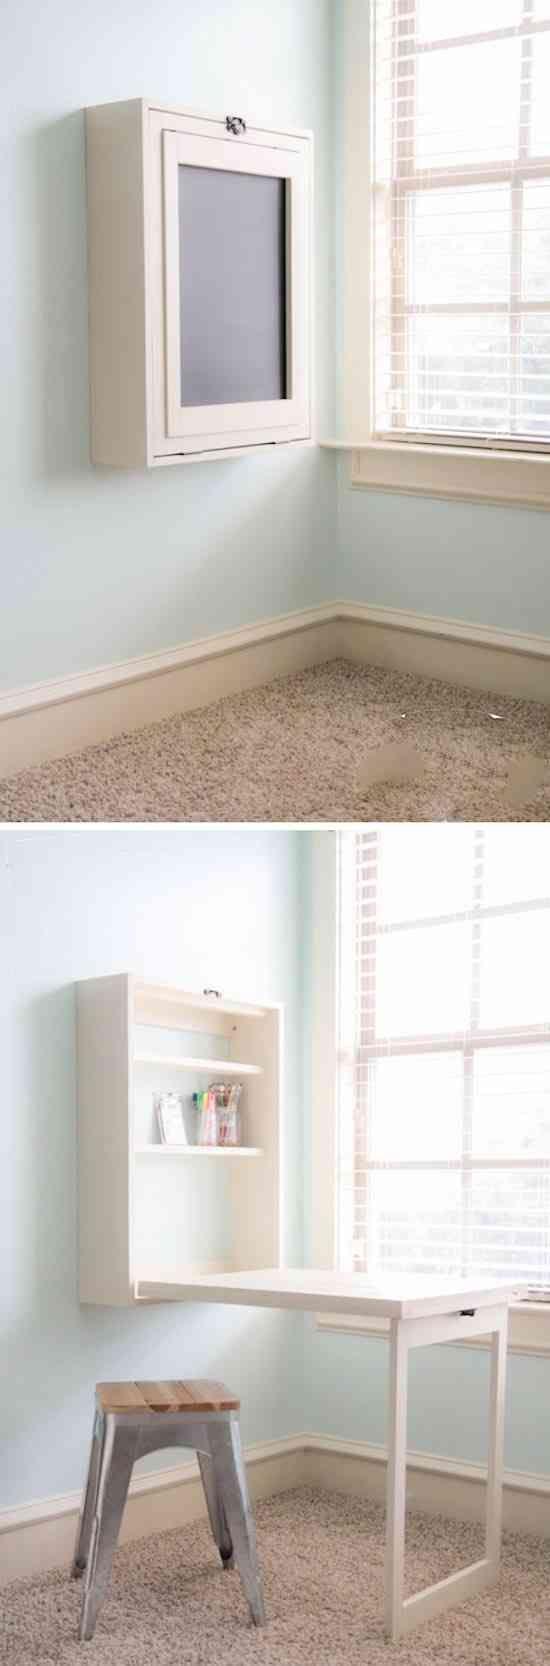 21 Idees Pour Decorer Un Petit Appartement Reperees Sur